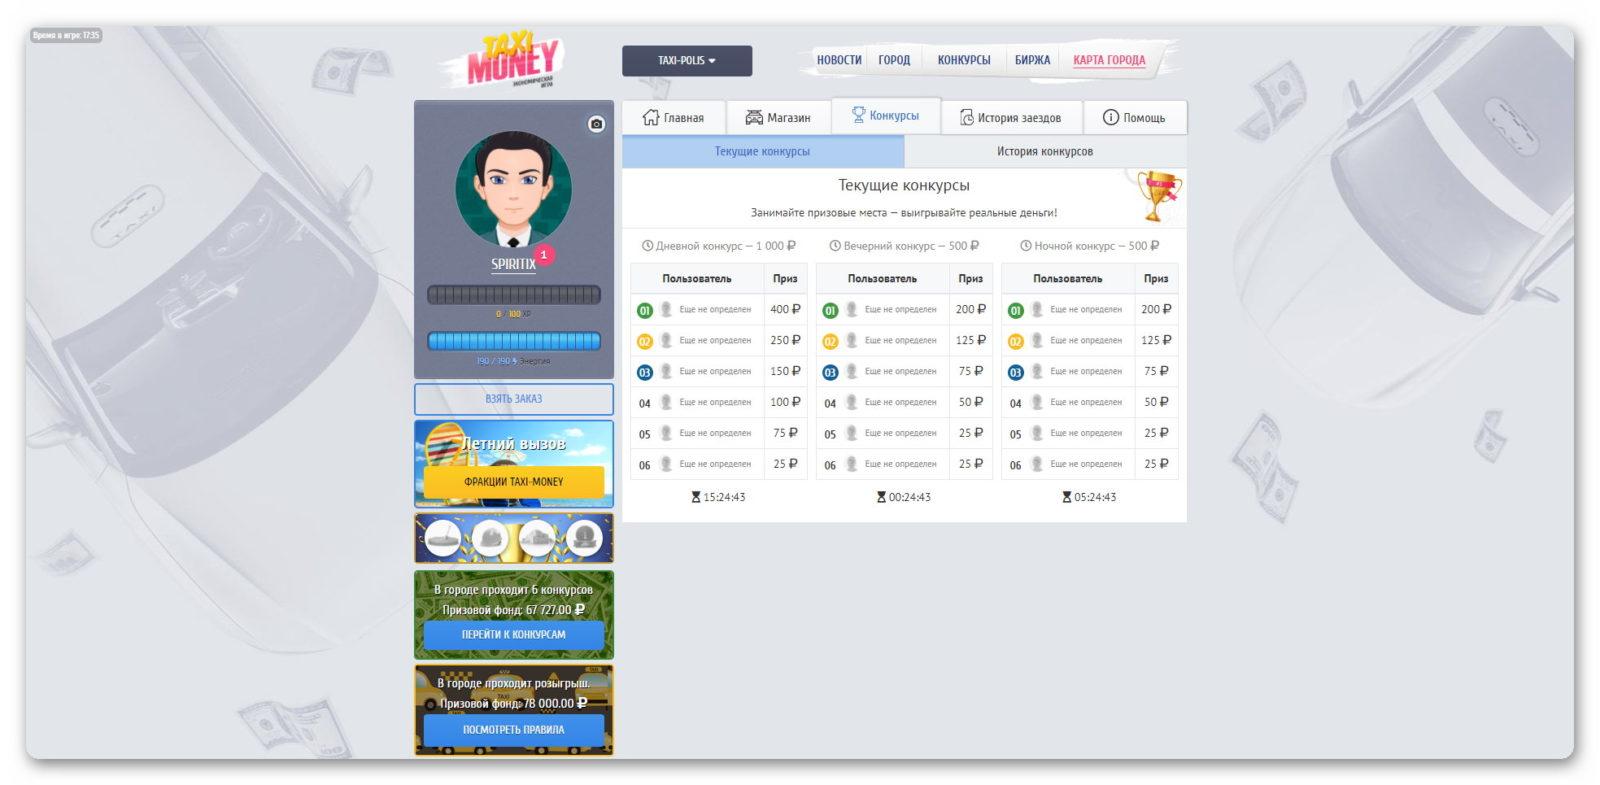 Гоночные конкурсы в игре Taxi-Money